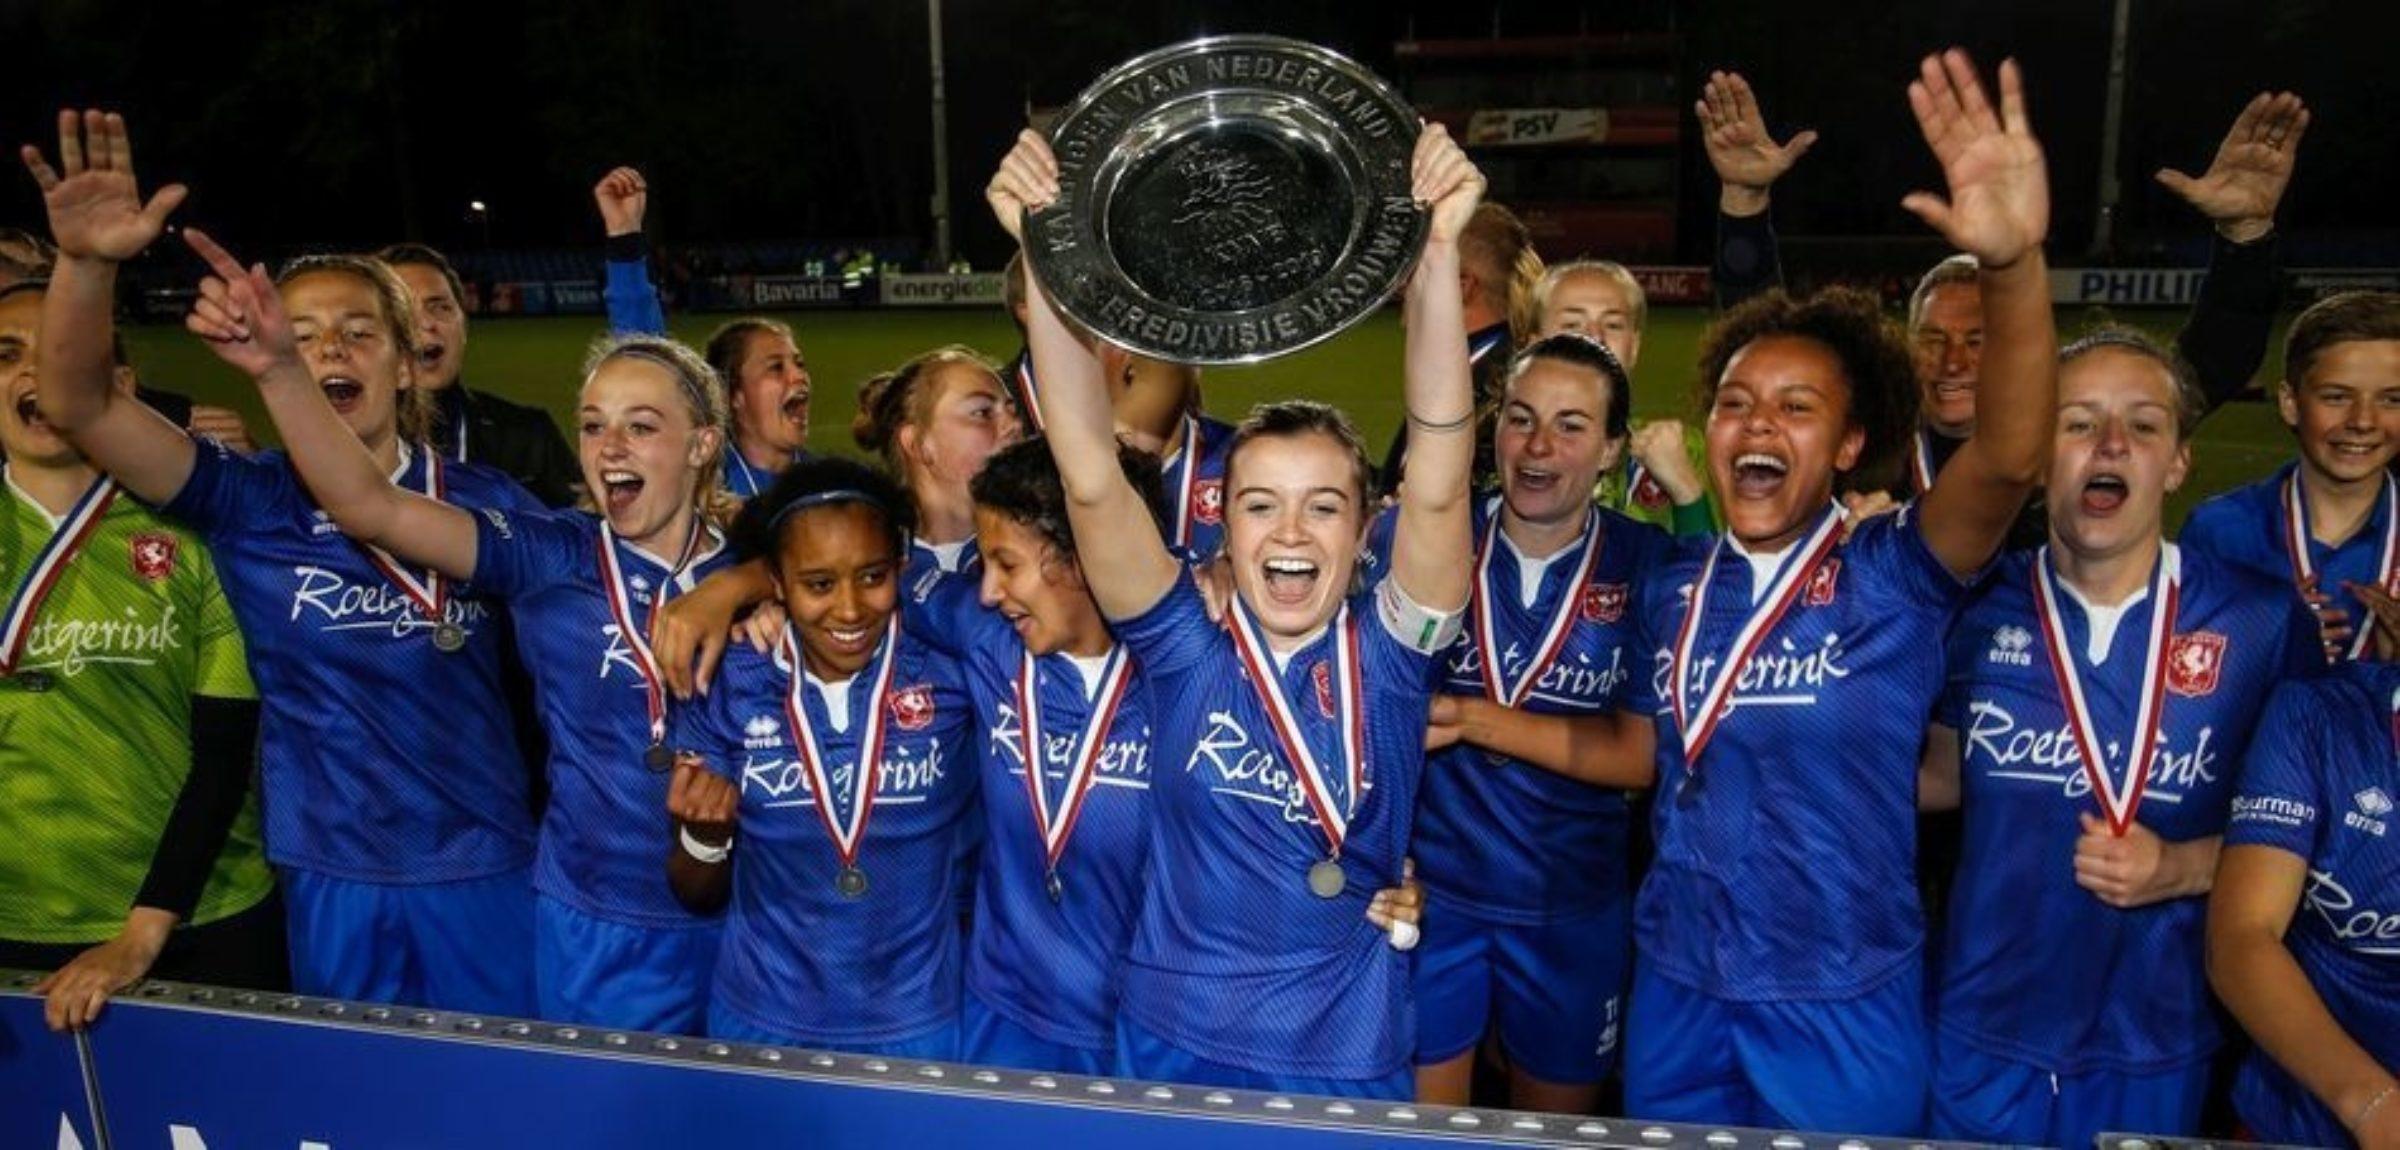 FC Twente Vrouwen 3309 1563267061 35hxl1aff5